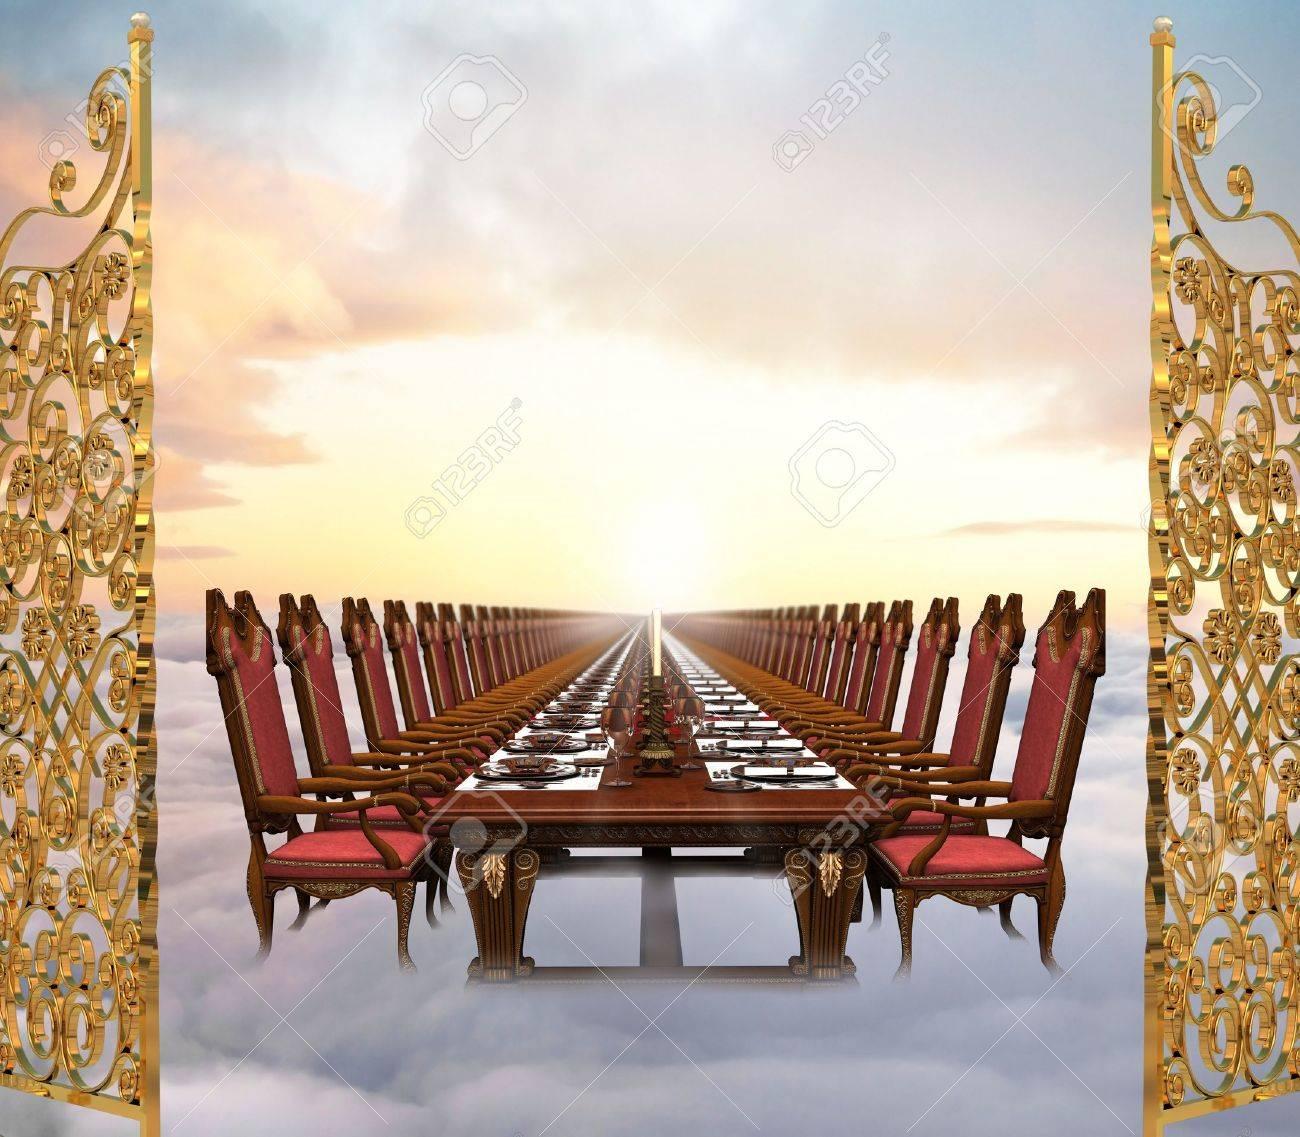 Le Ciel : Ultime récompense du chrétien ! Imaginez sa beauté ! 7059291-Illustration-de-la-grande-f-te-la-fin-des-temps-mettant-en-vedette-une-table-de-banquet-infiniment-l-Banque-d%27images